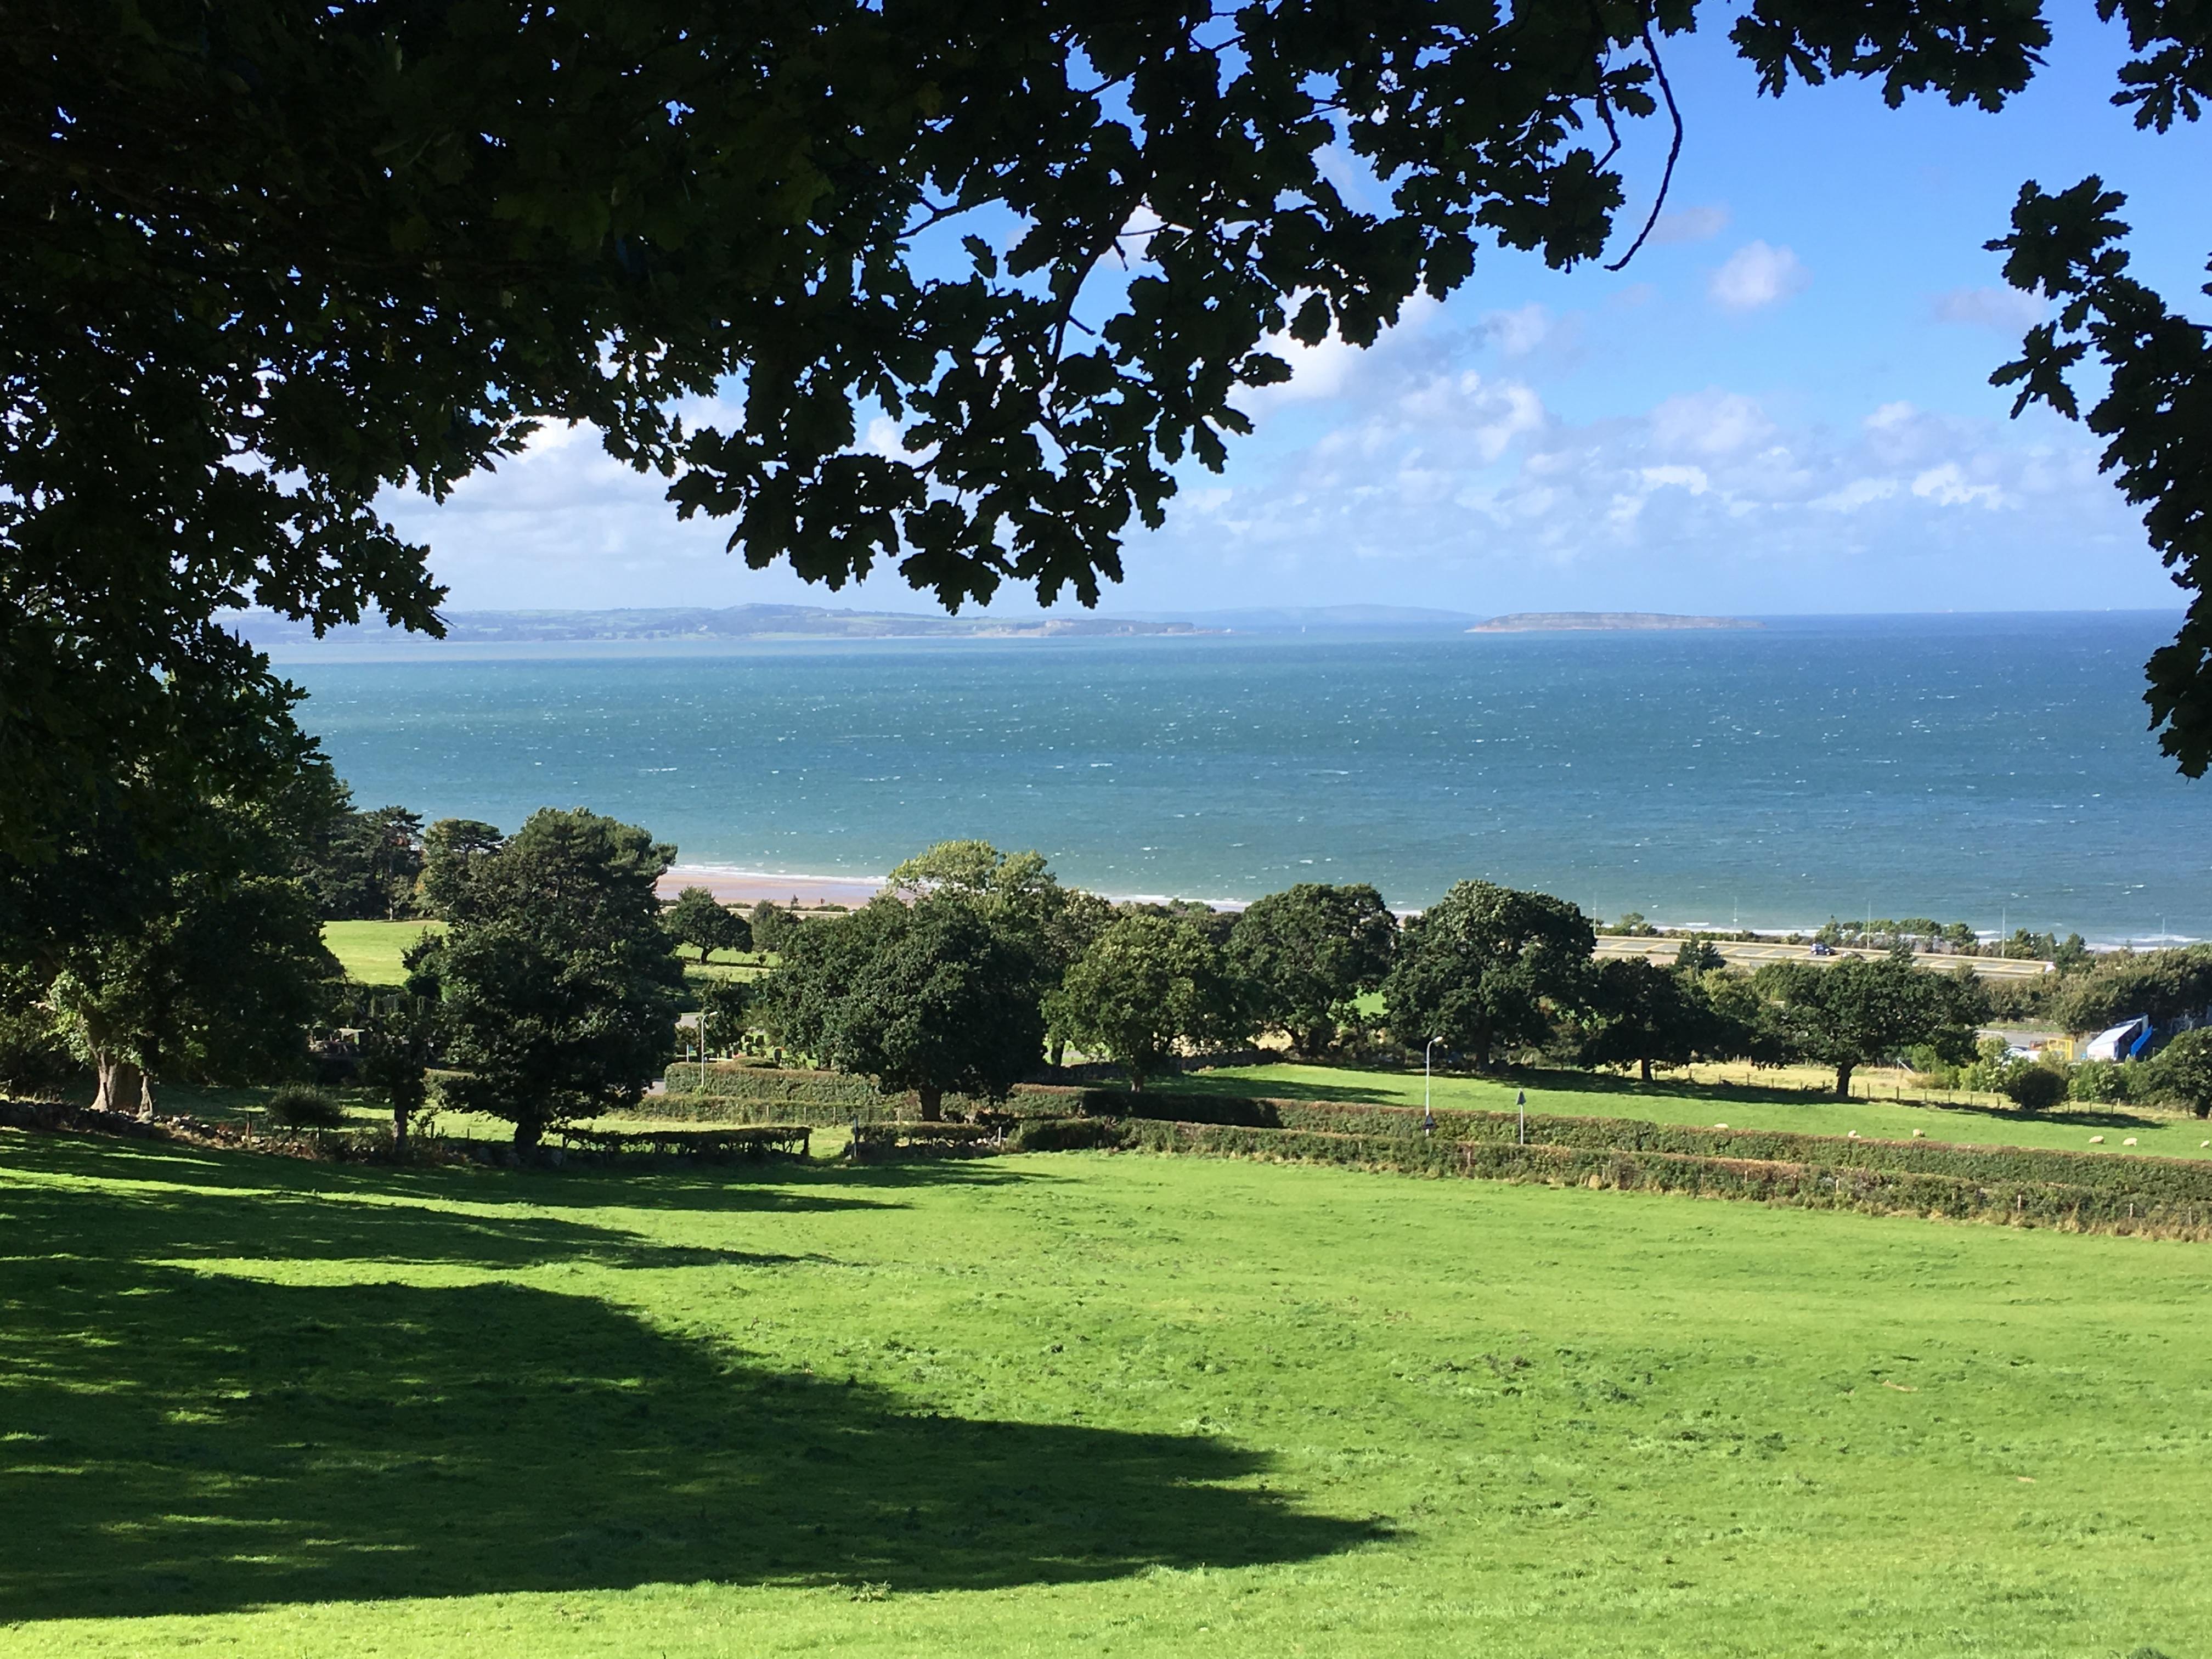 View from Trwyn yr Wylfa